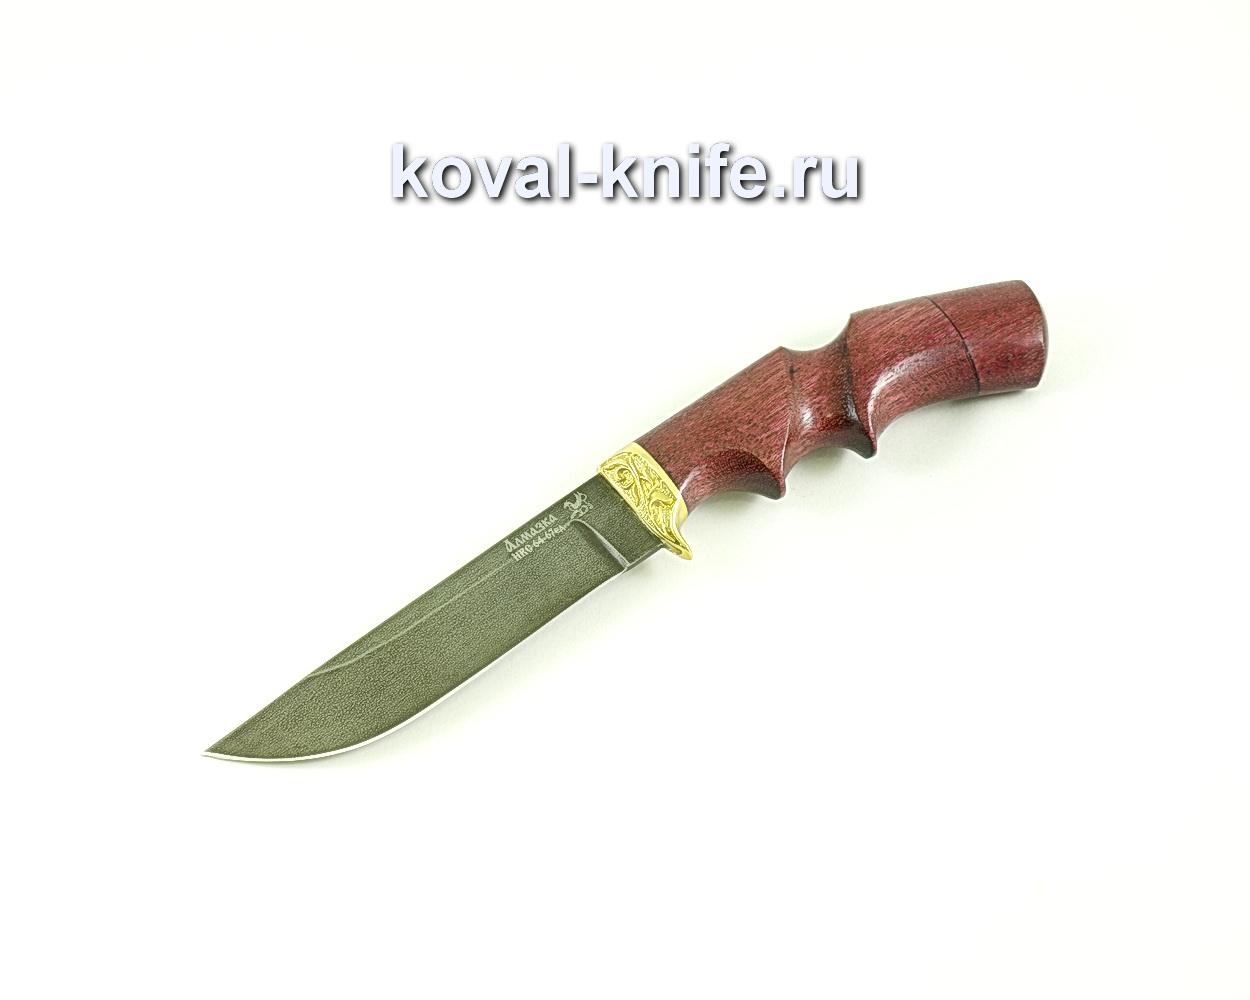 Нож Белка (сталь ХВ5-Алмазка), рукоять амарант, литье A096